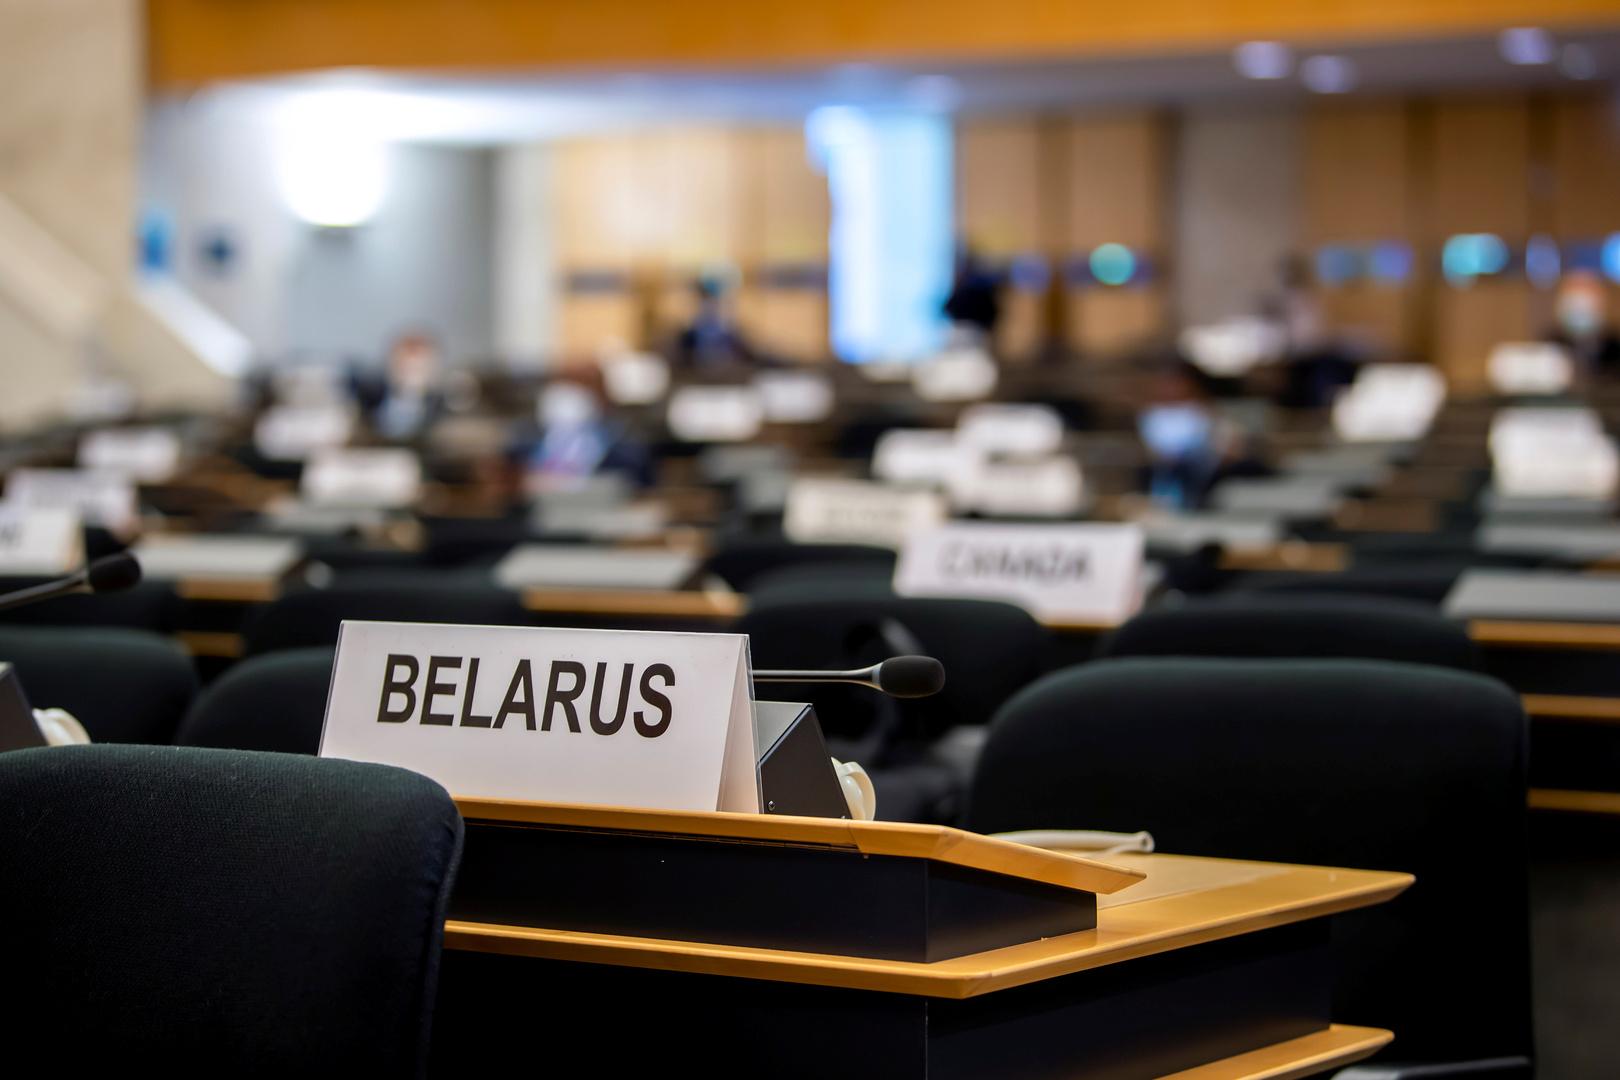 مجلس حقوق الإنسان الأممي يتبنى قرارا بشأن بيلاروس.. ومينسك تصفه بـ